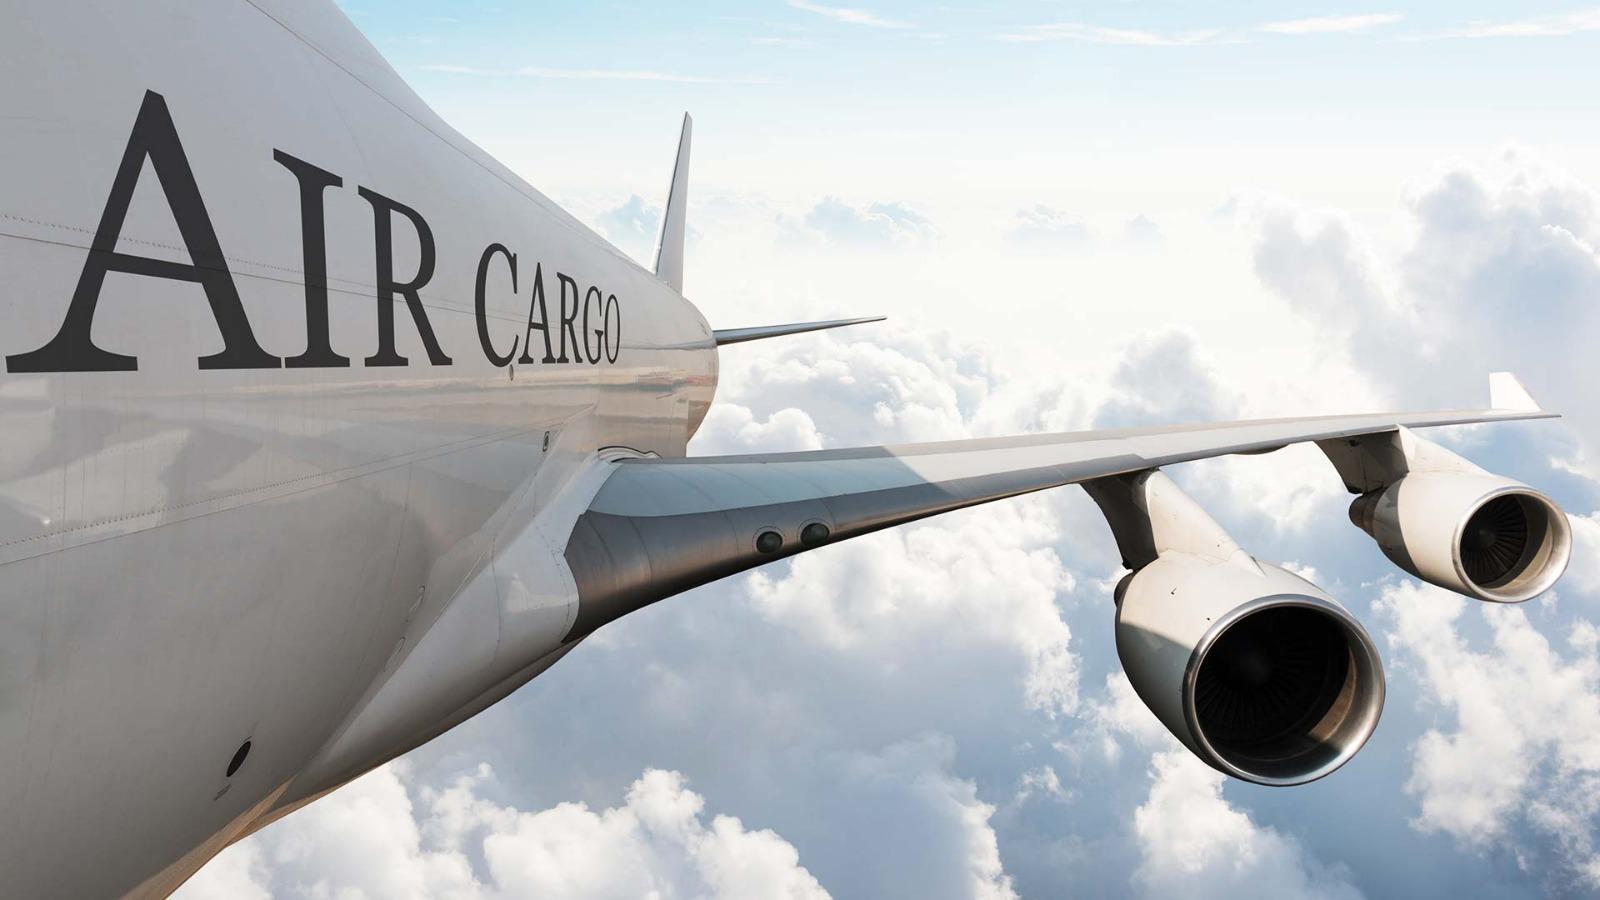 الشحن النقل الجوي تجهيز الوثائق التخزين التعبئة الجمارك الجمرك المطارات